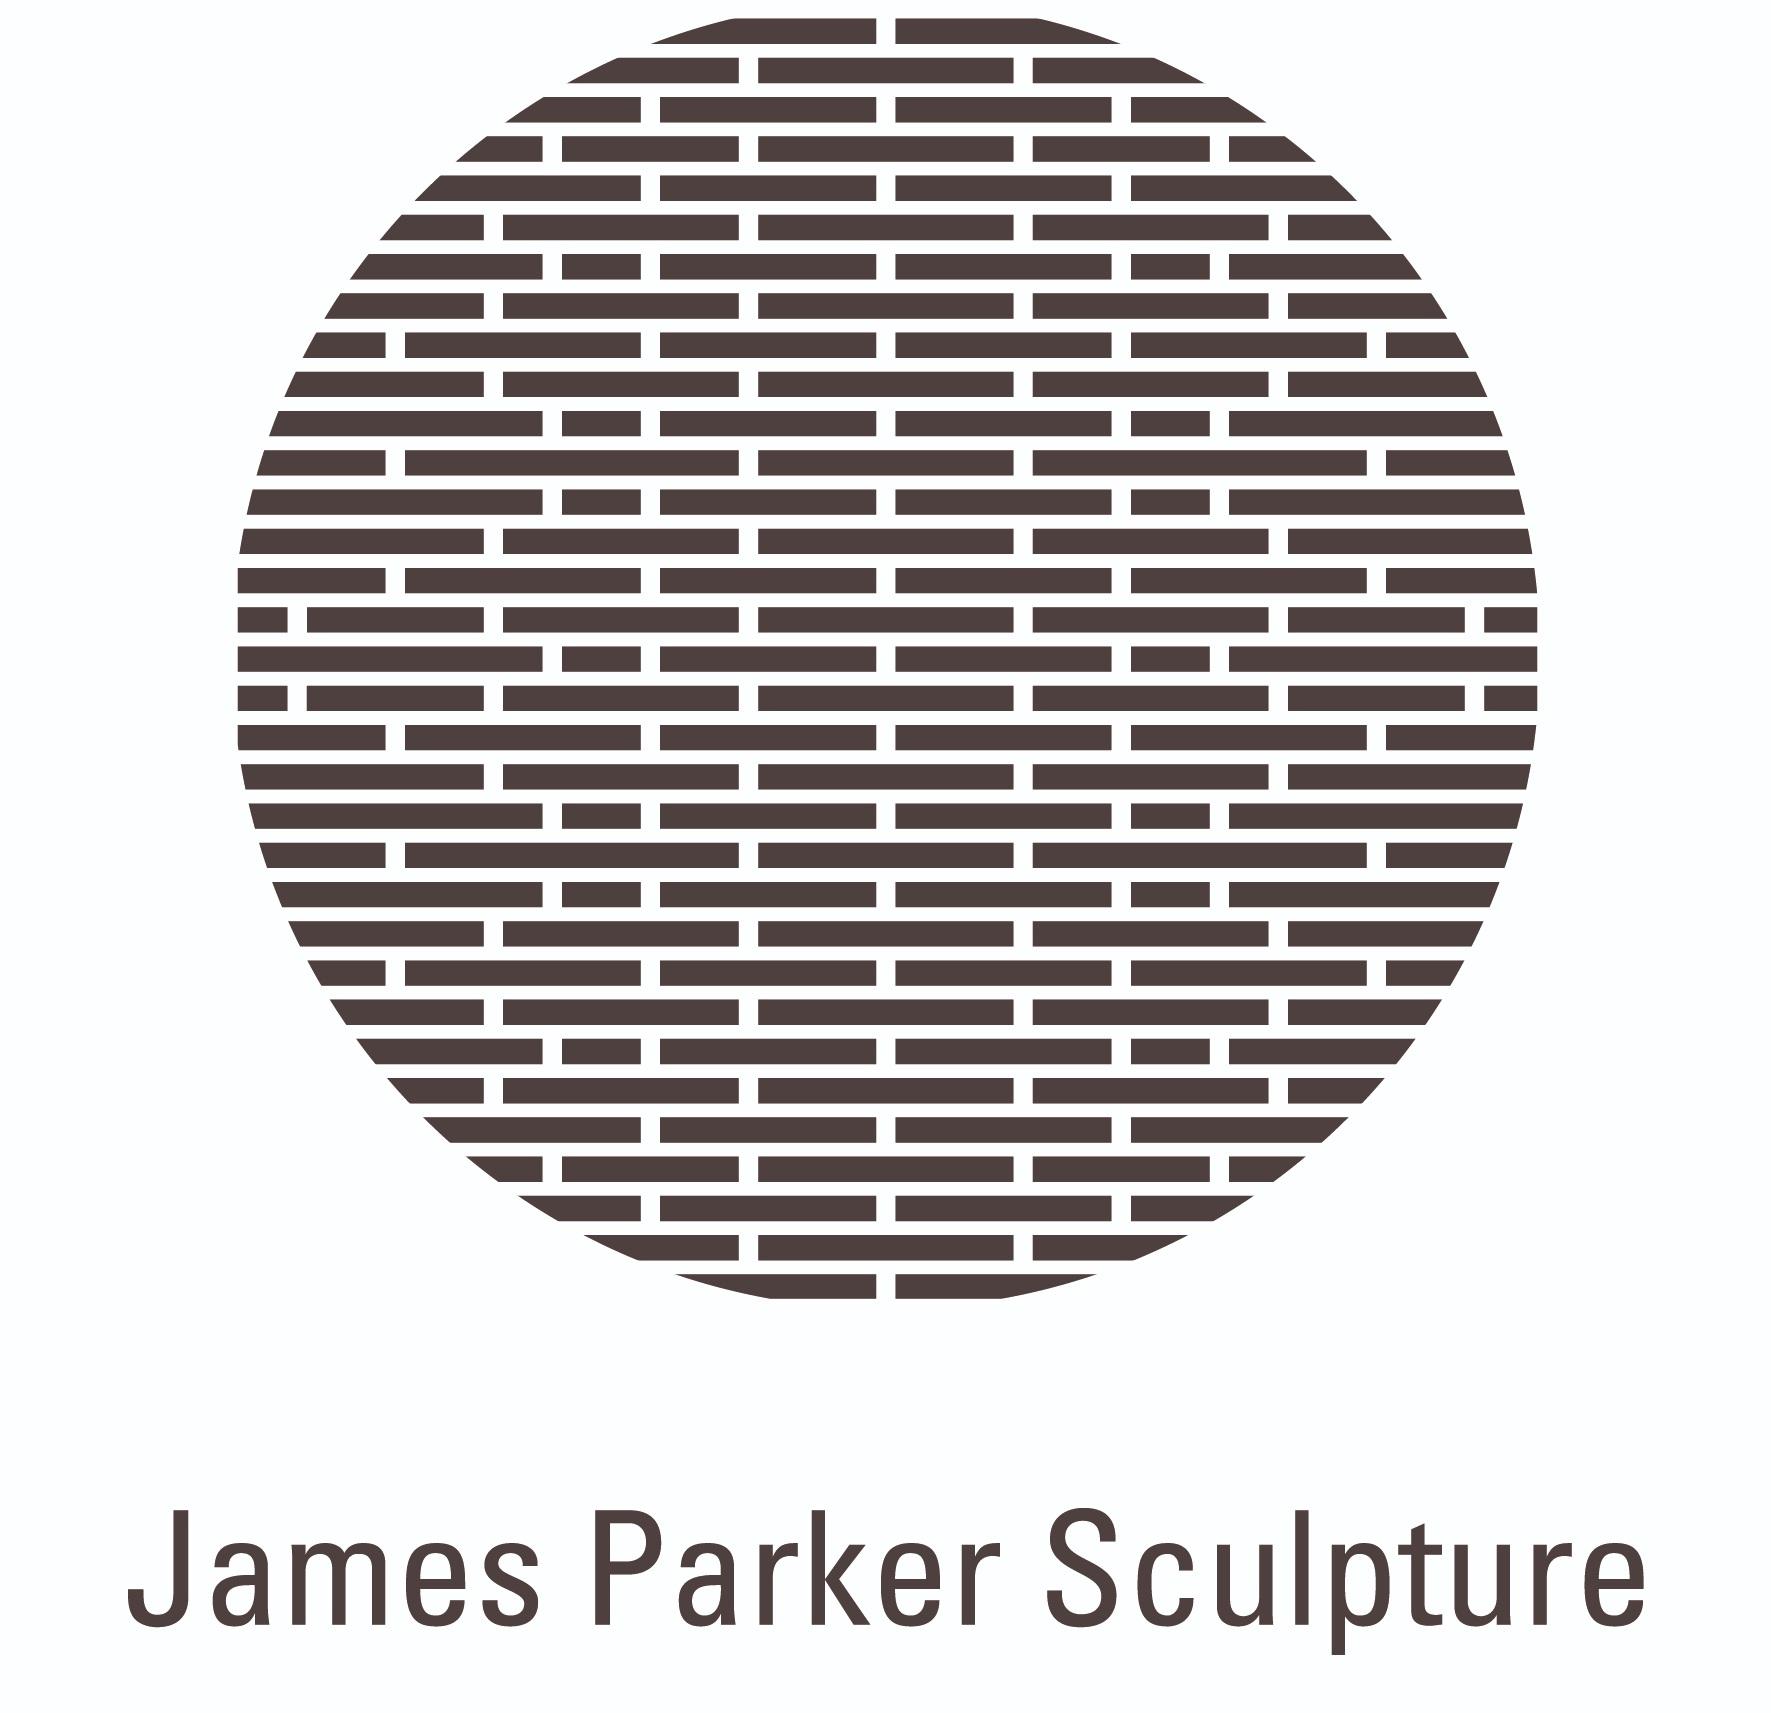 JPS_logo_150x150+%281%29.jpg